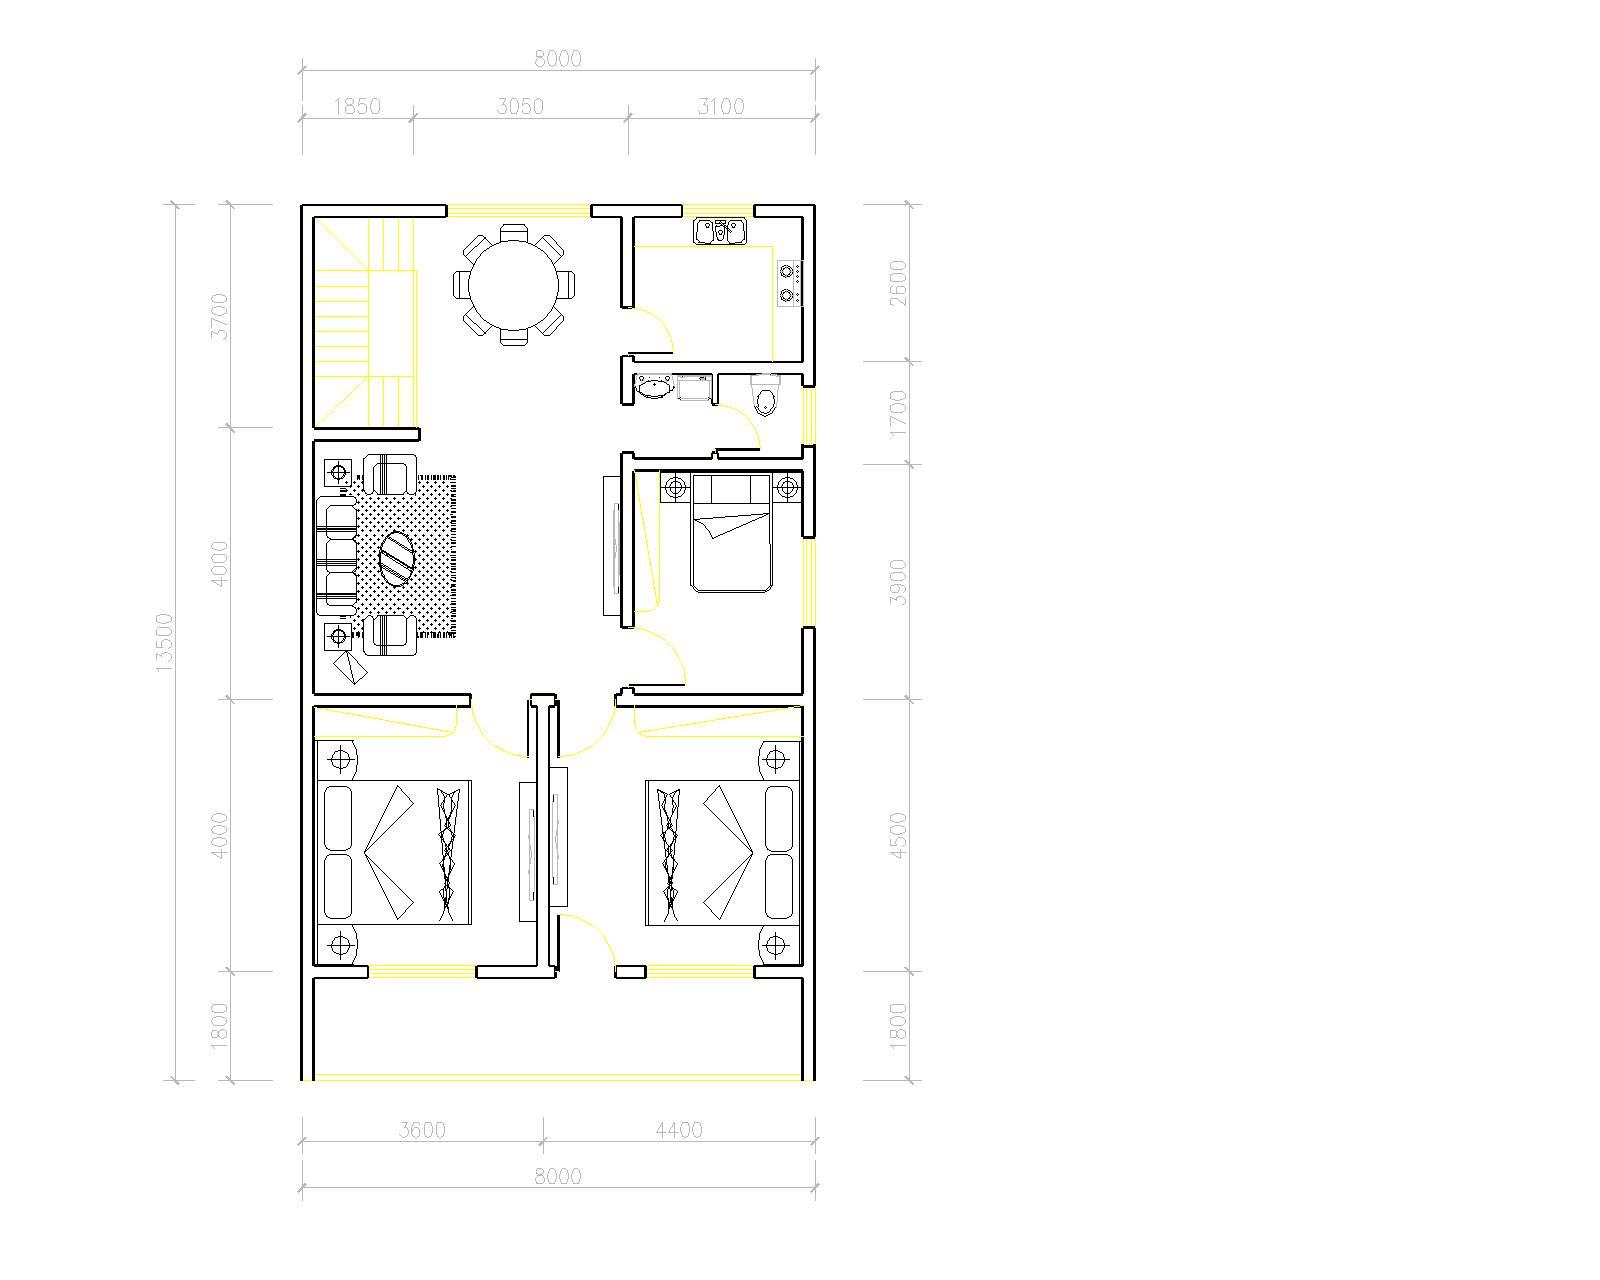 设采光井   追问  在房子中间吗     类似天井     我自己也设计了图片